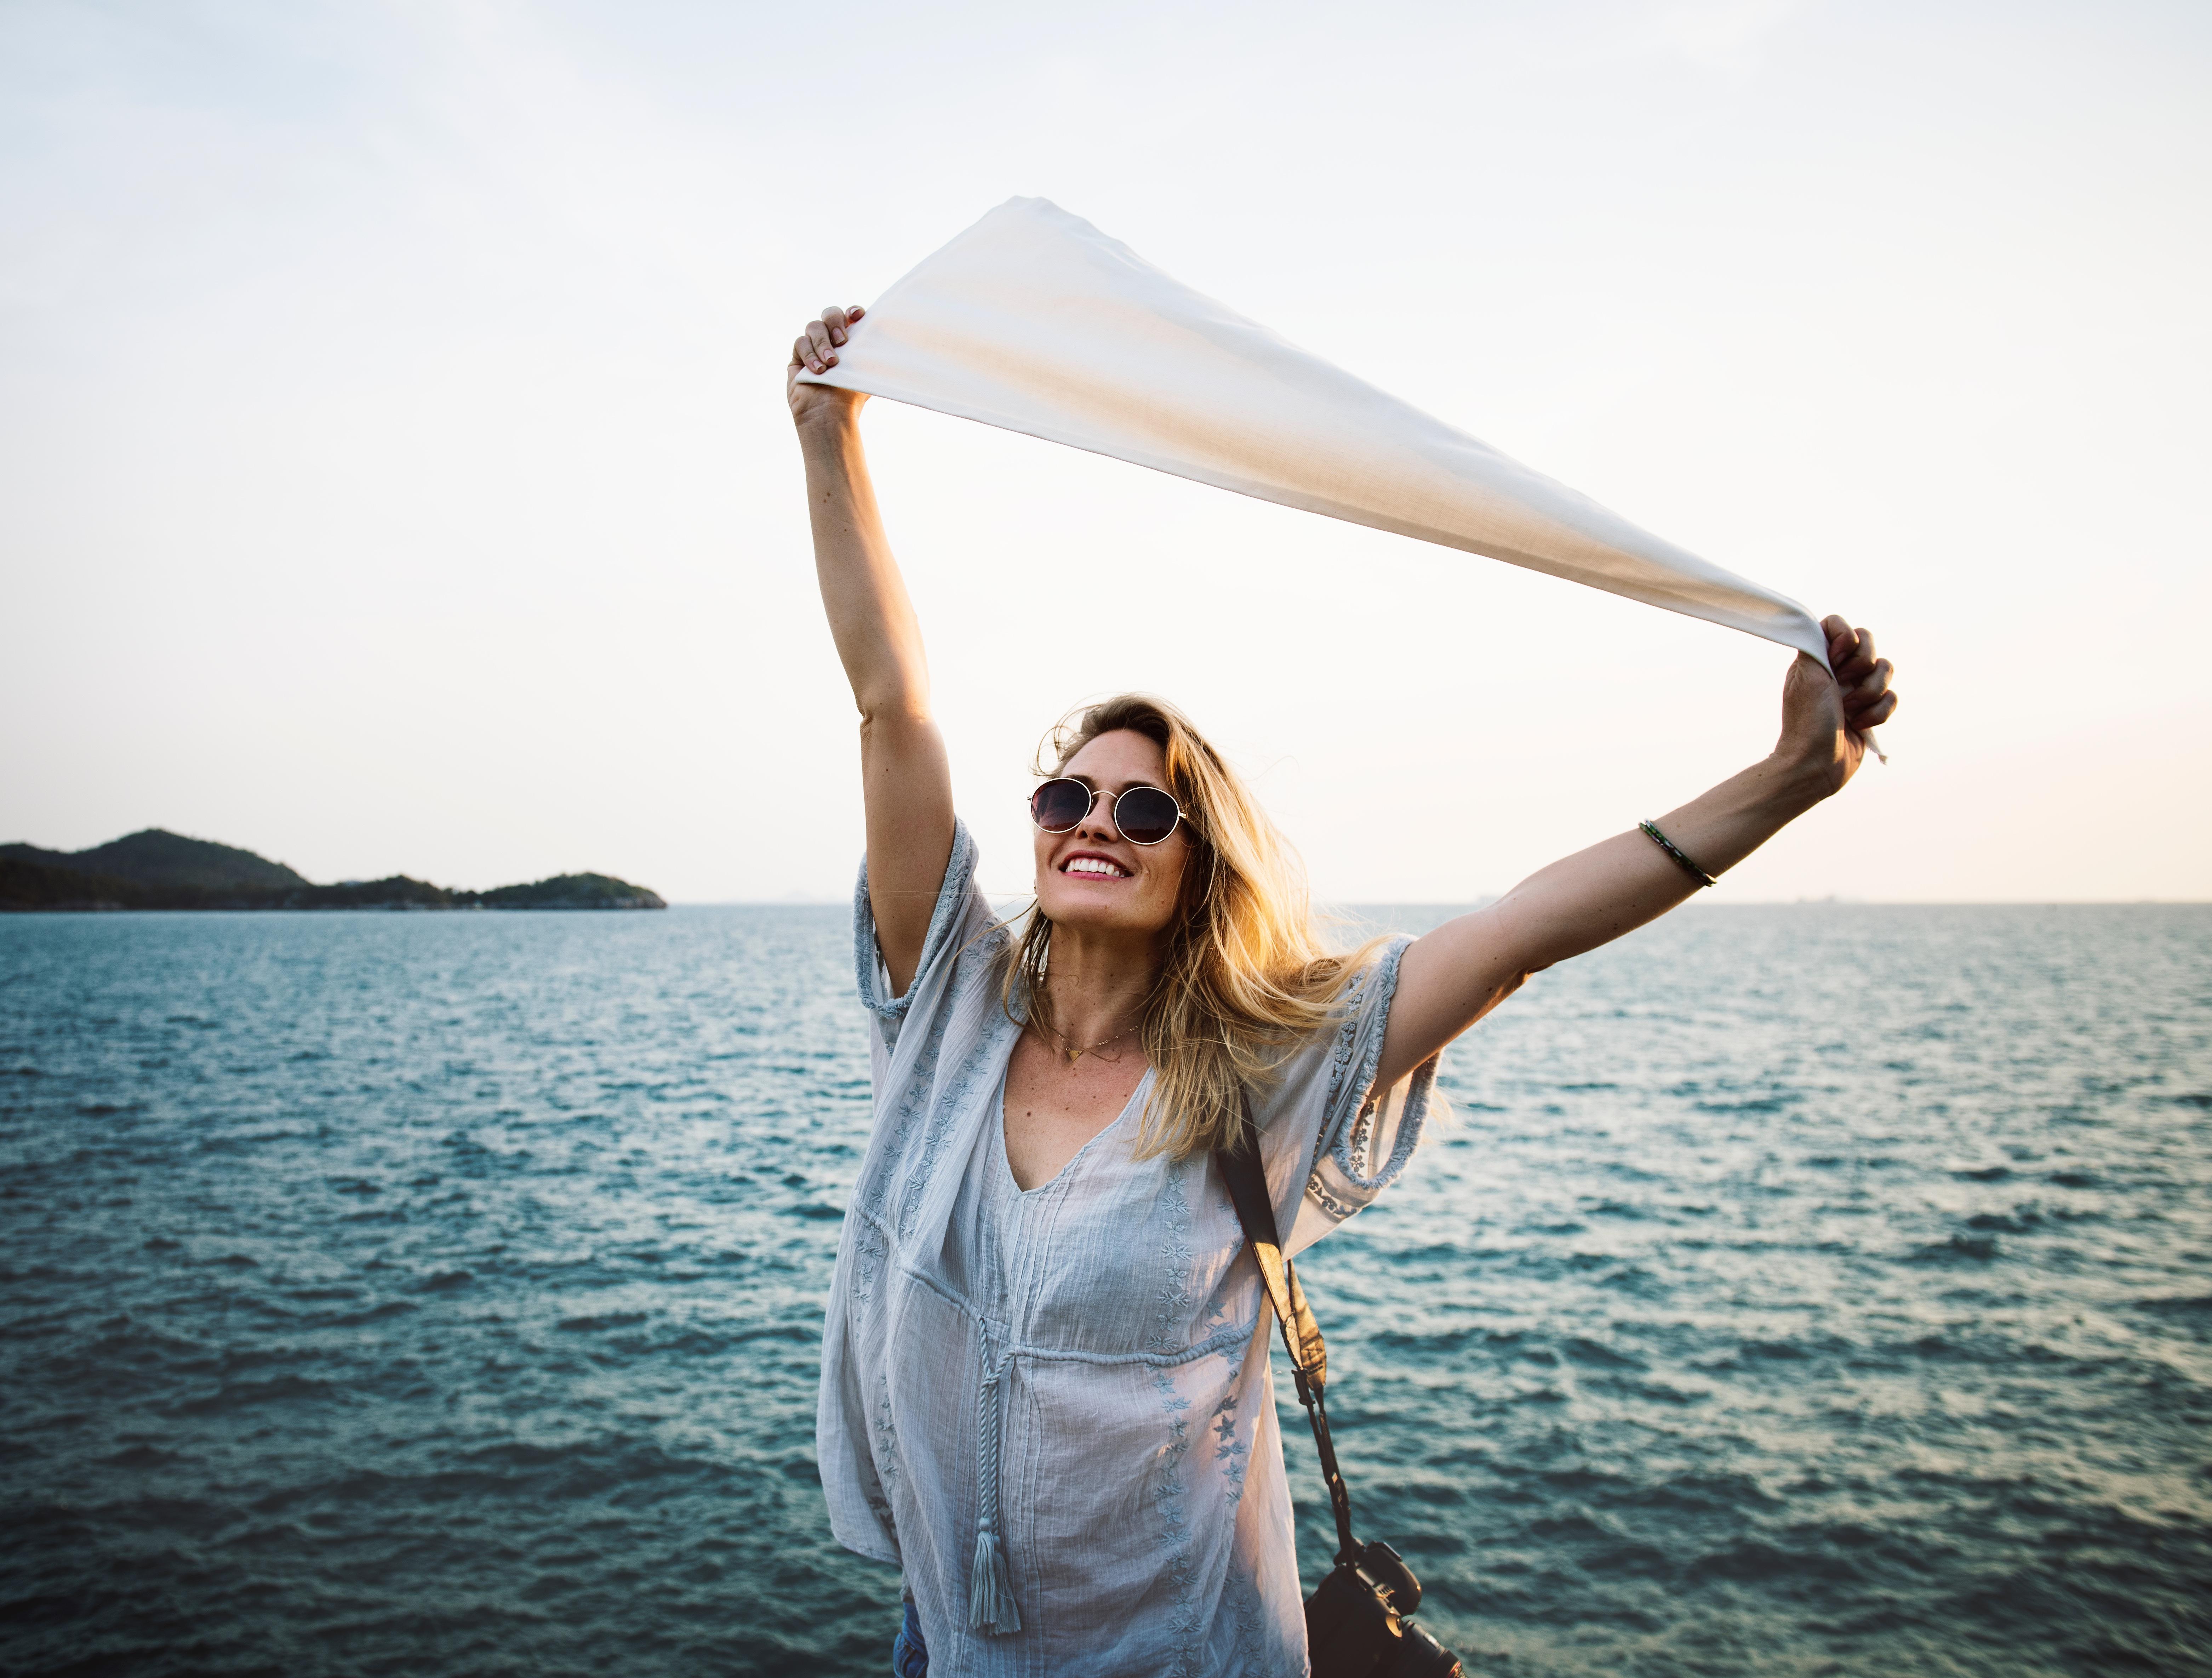 Сексуальная жизнь женщины в отпуске